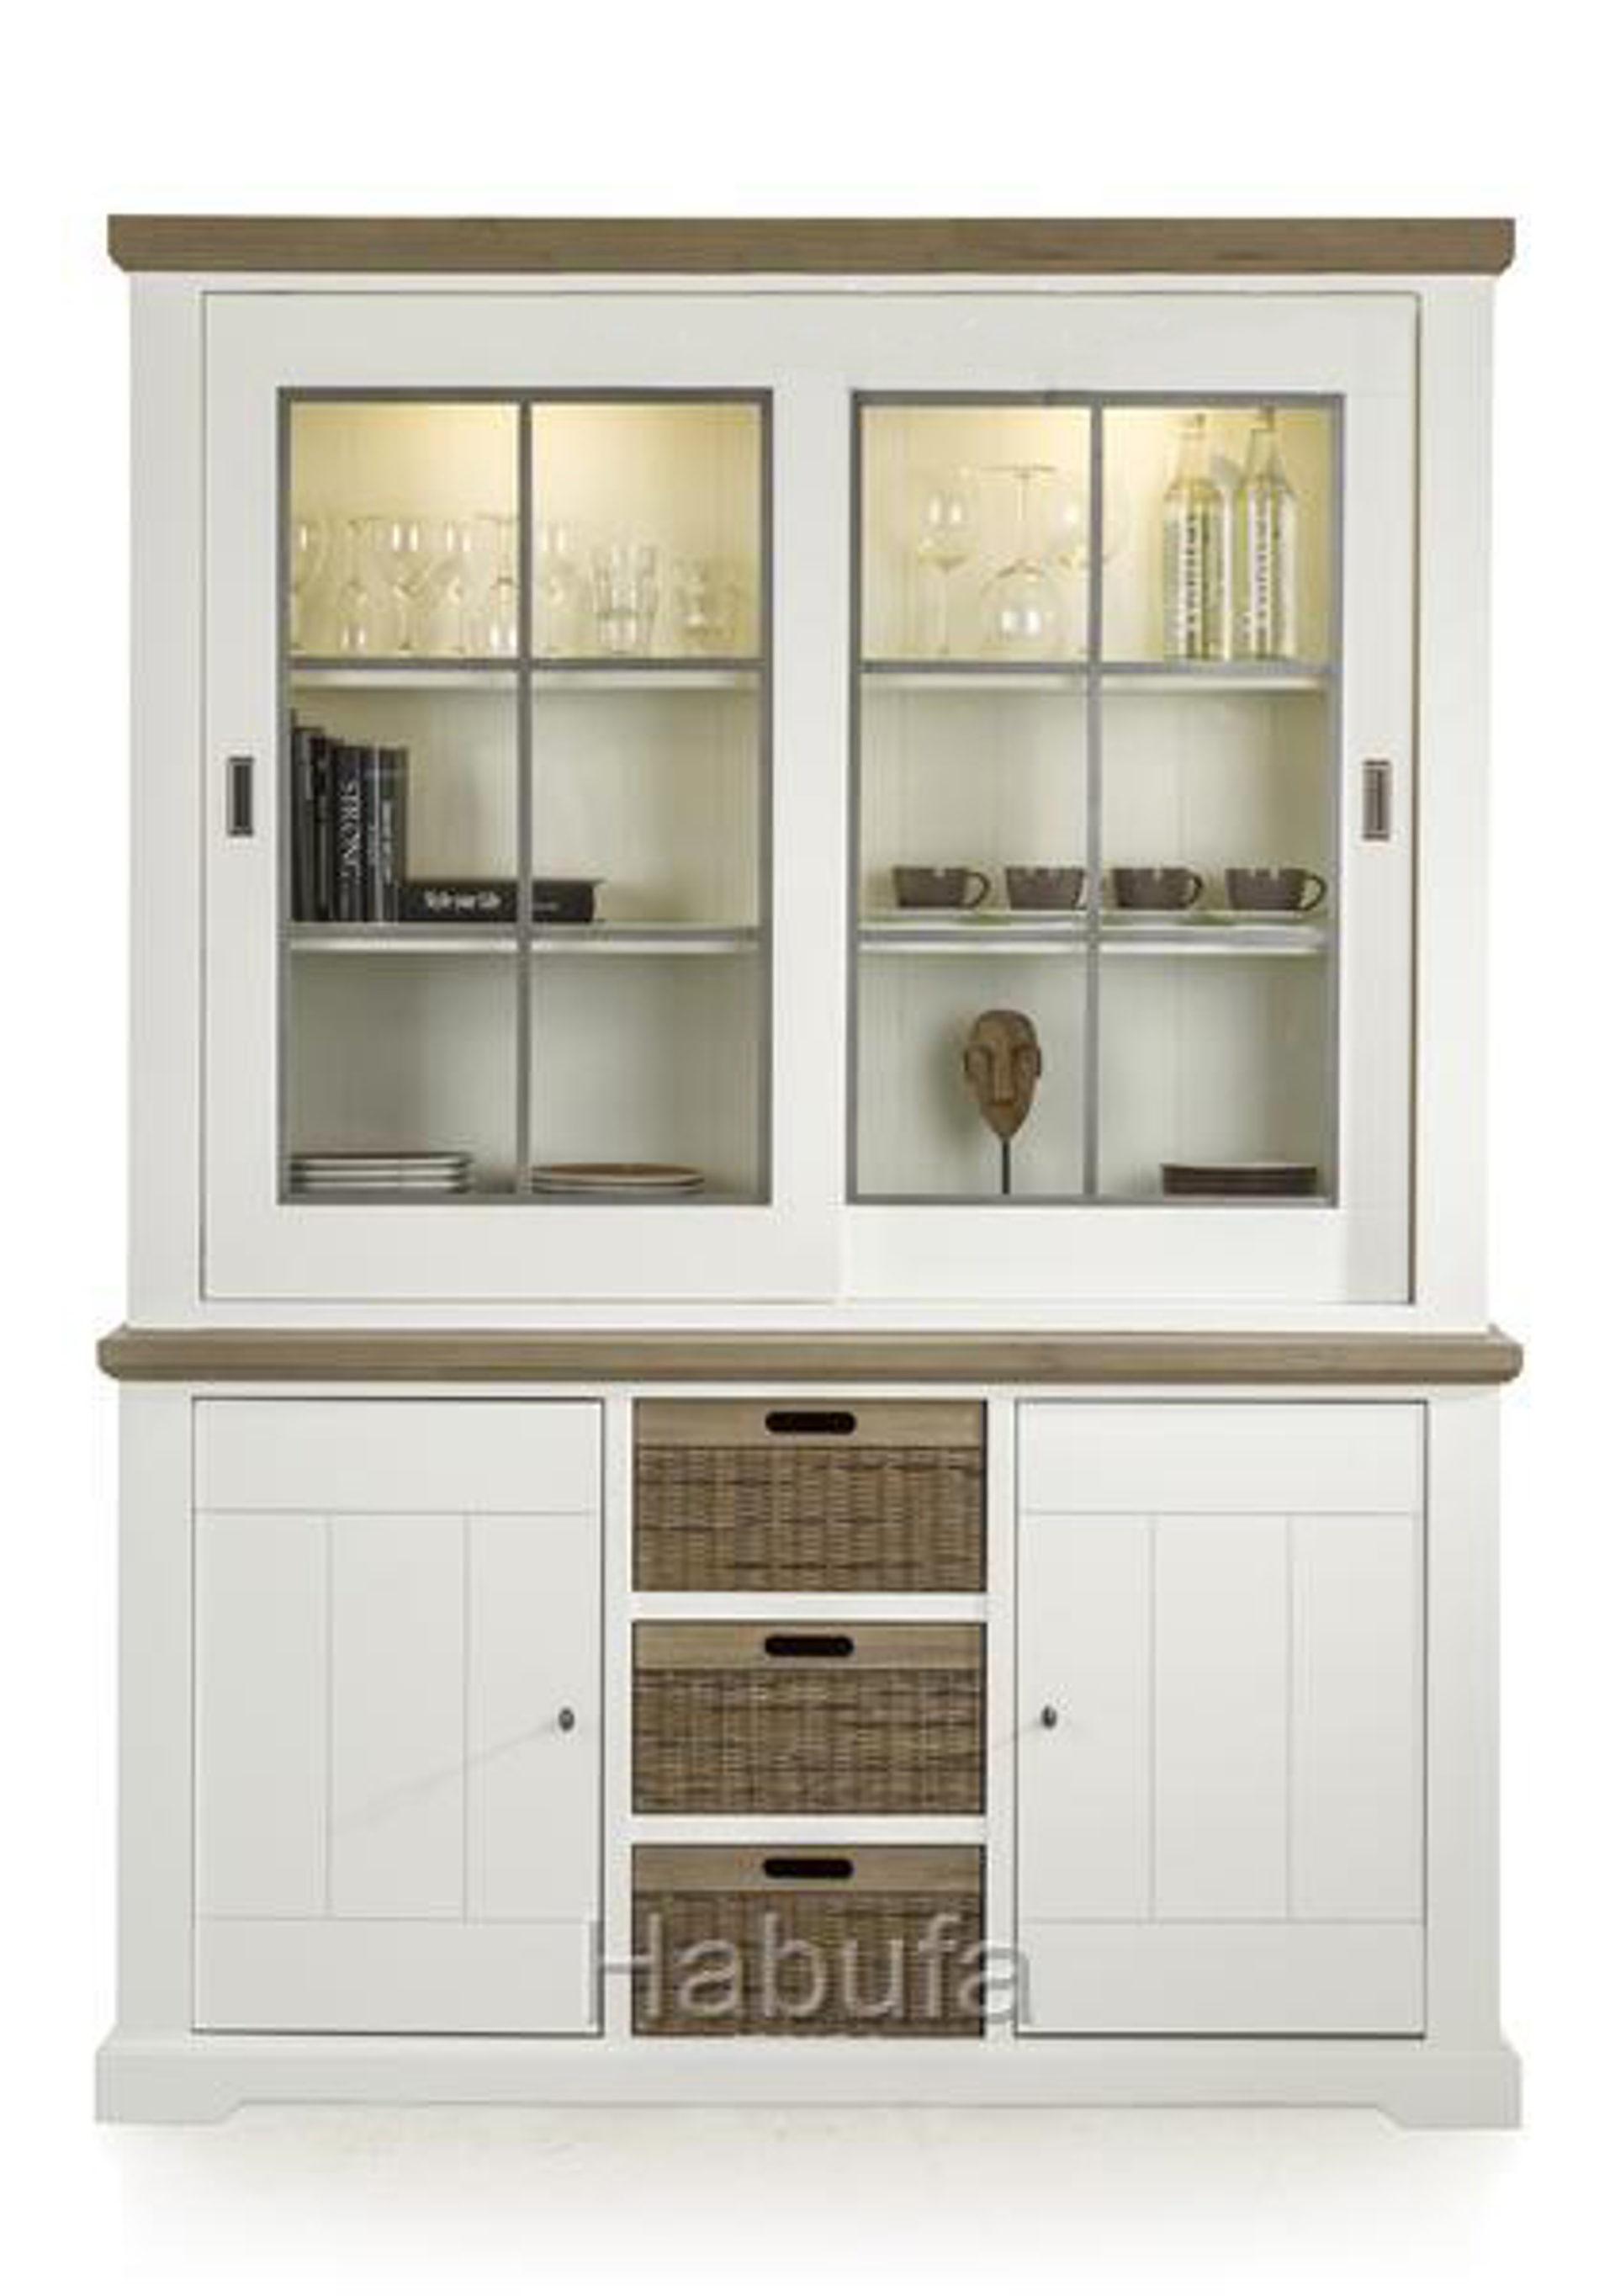 Habufa Möbel Katalog - Design